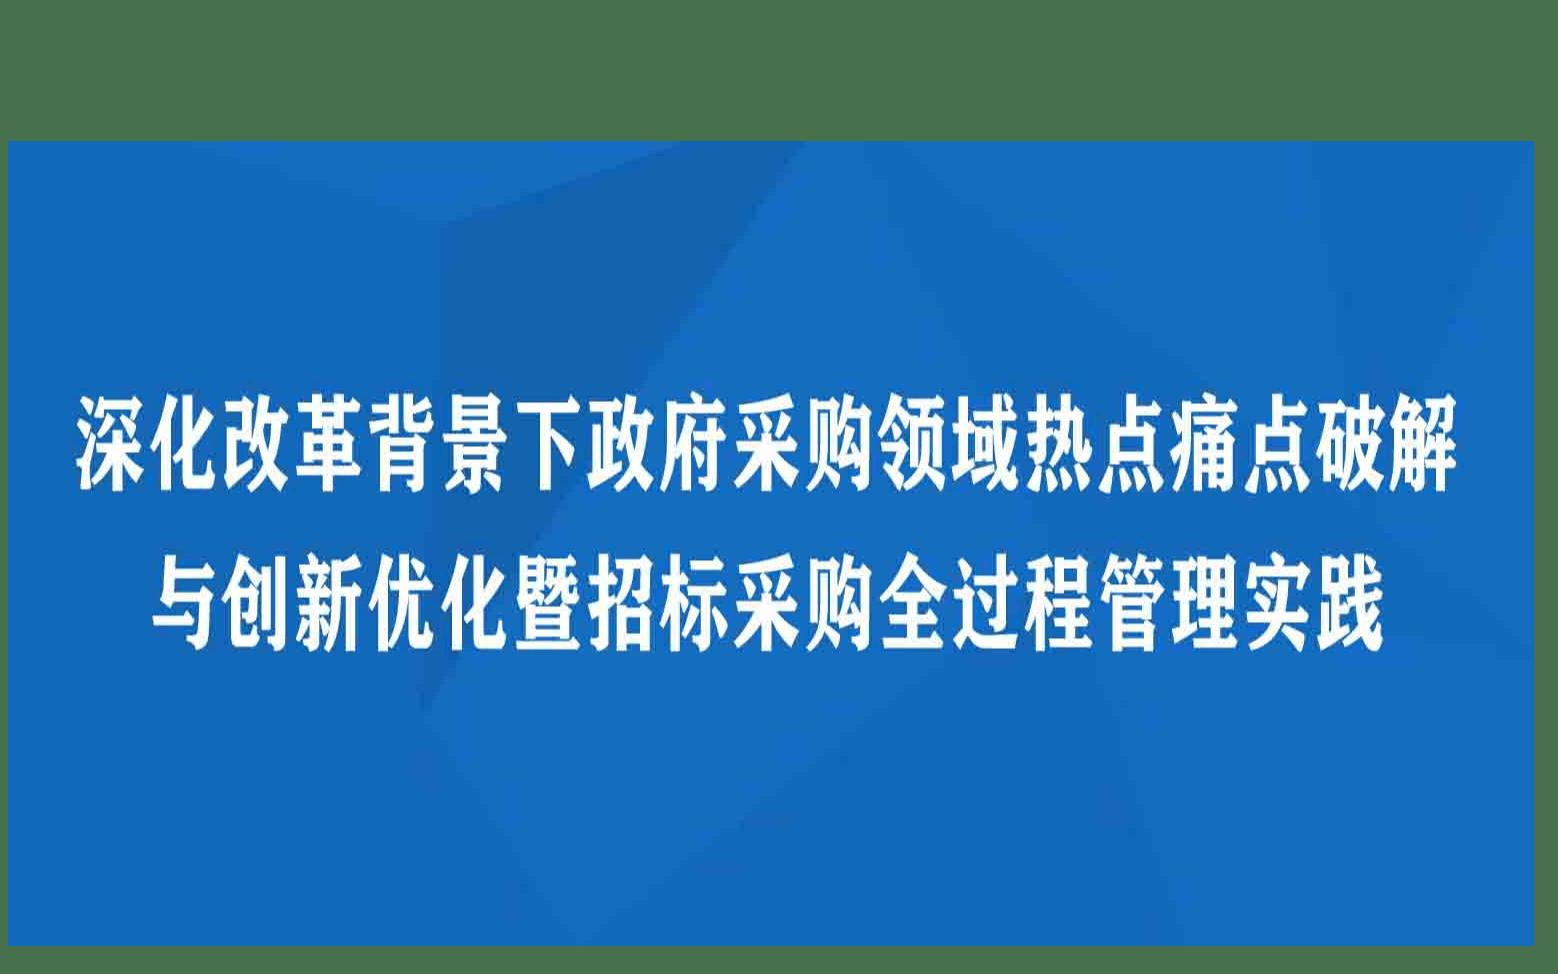 青岛6月深化改革背景下政府采购领域热点痛点破解与创新优化暨招标采购全过程管理实践专题培训班